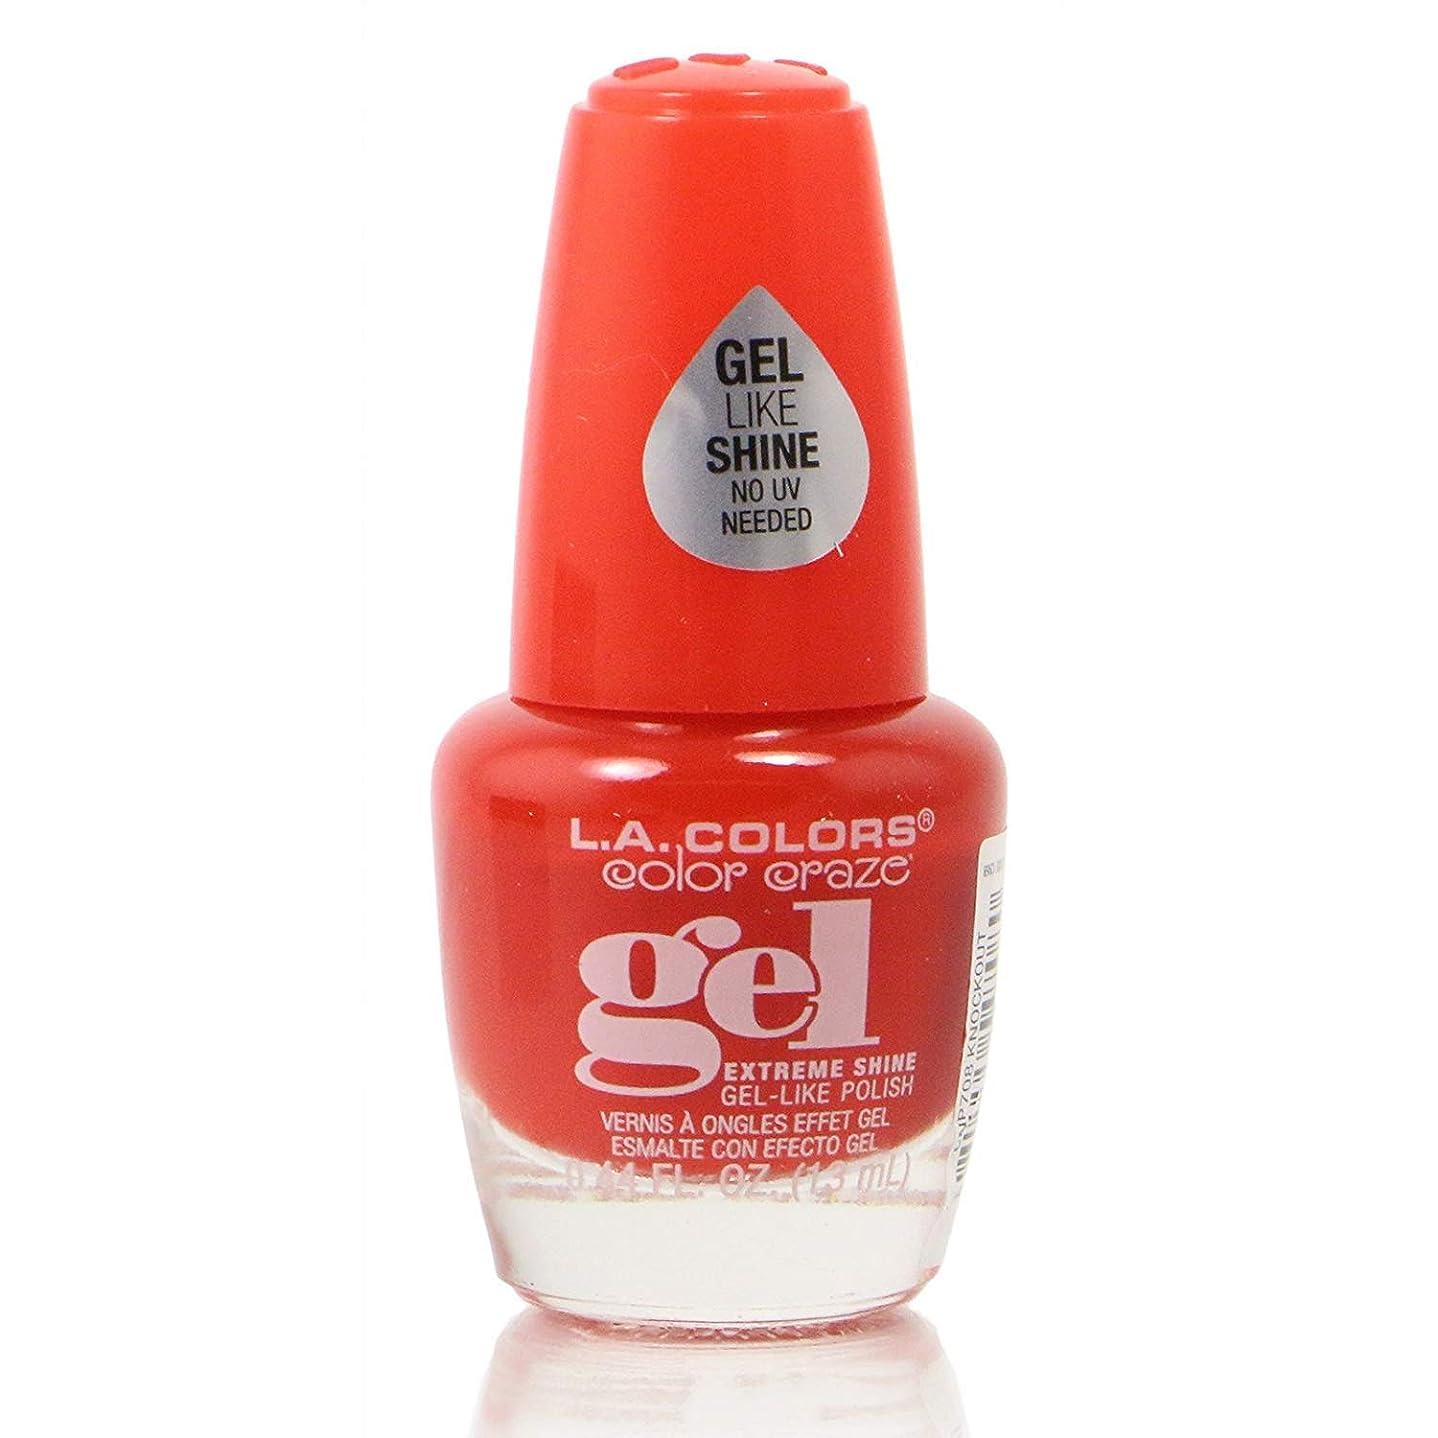 オーストラリア人敬なレンドLA Colors 美容化粧品21 Cnp708美容化粧品21